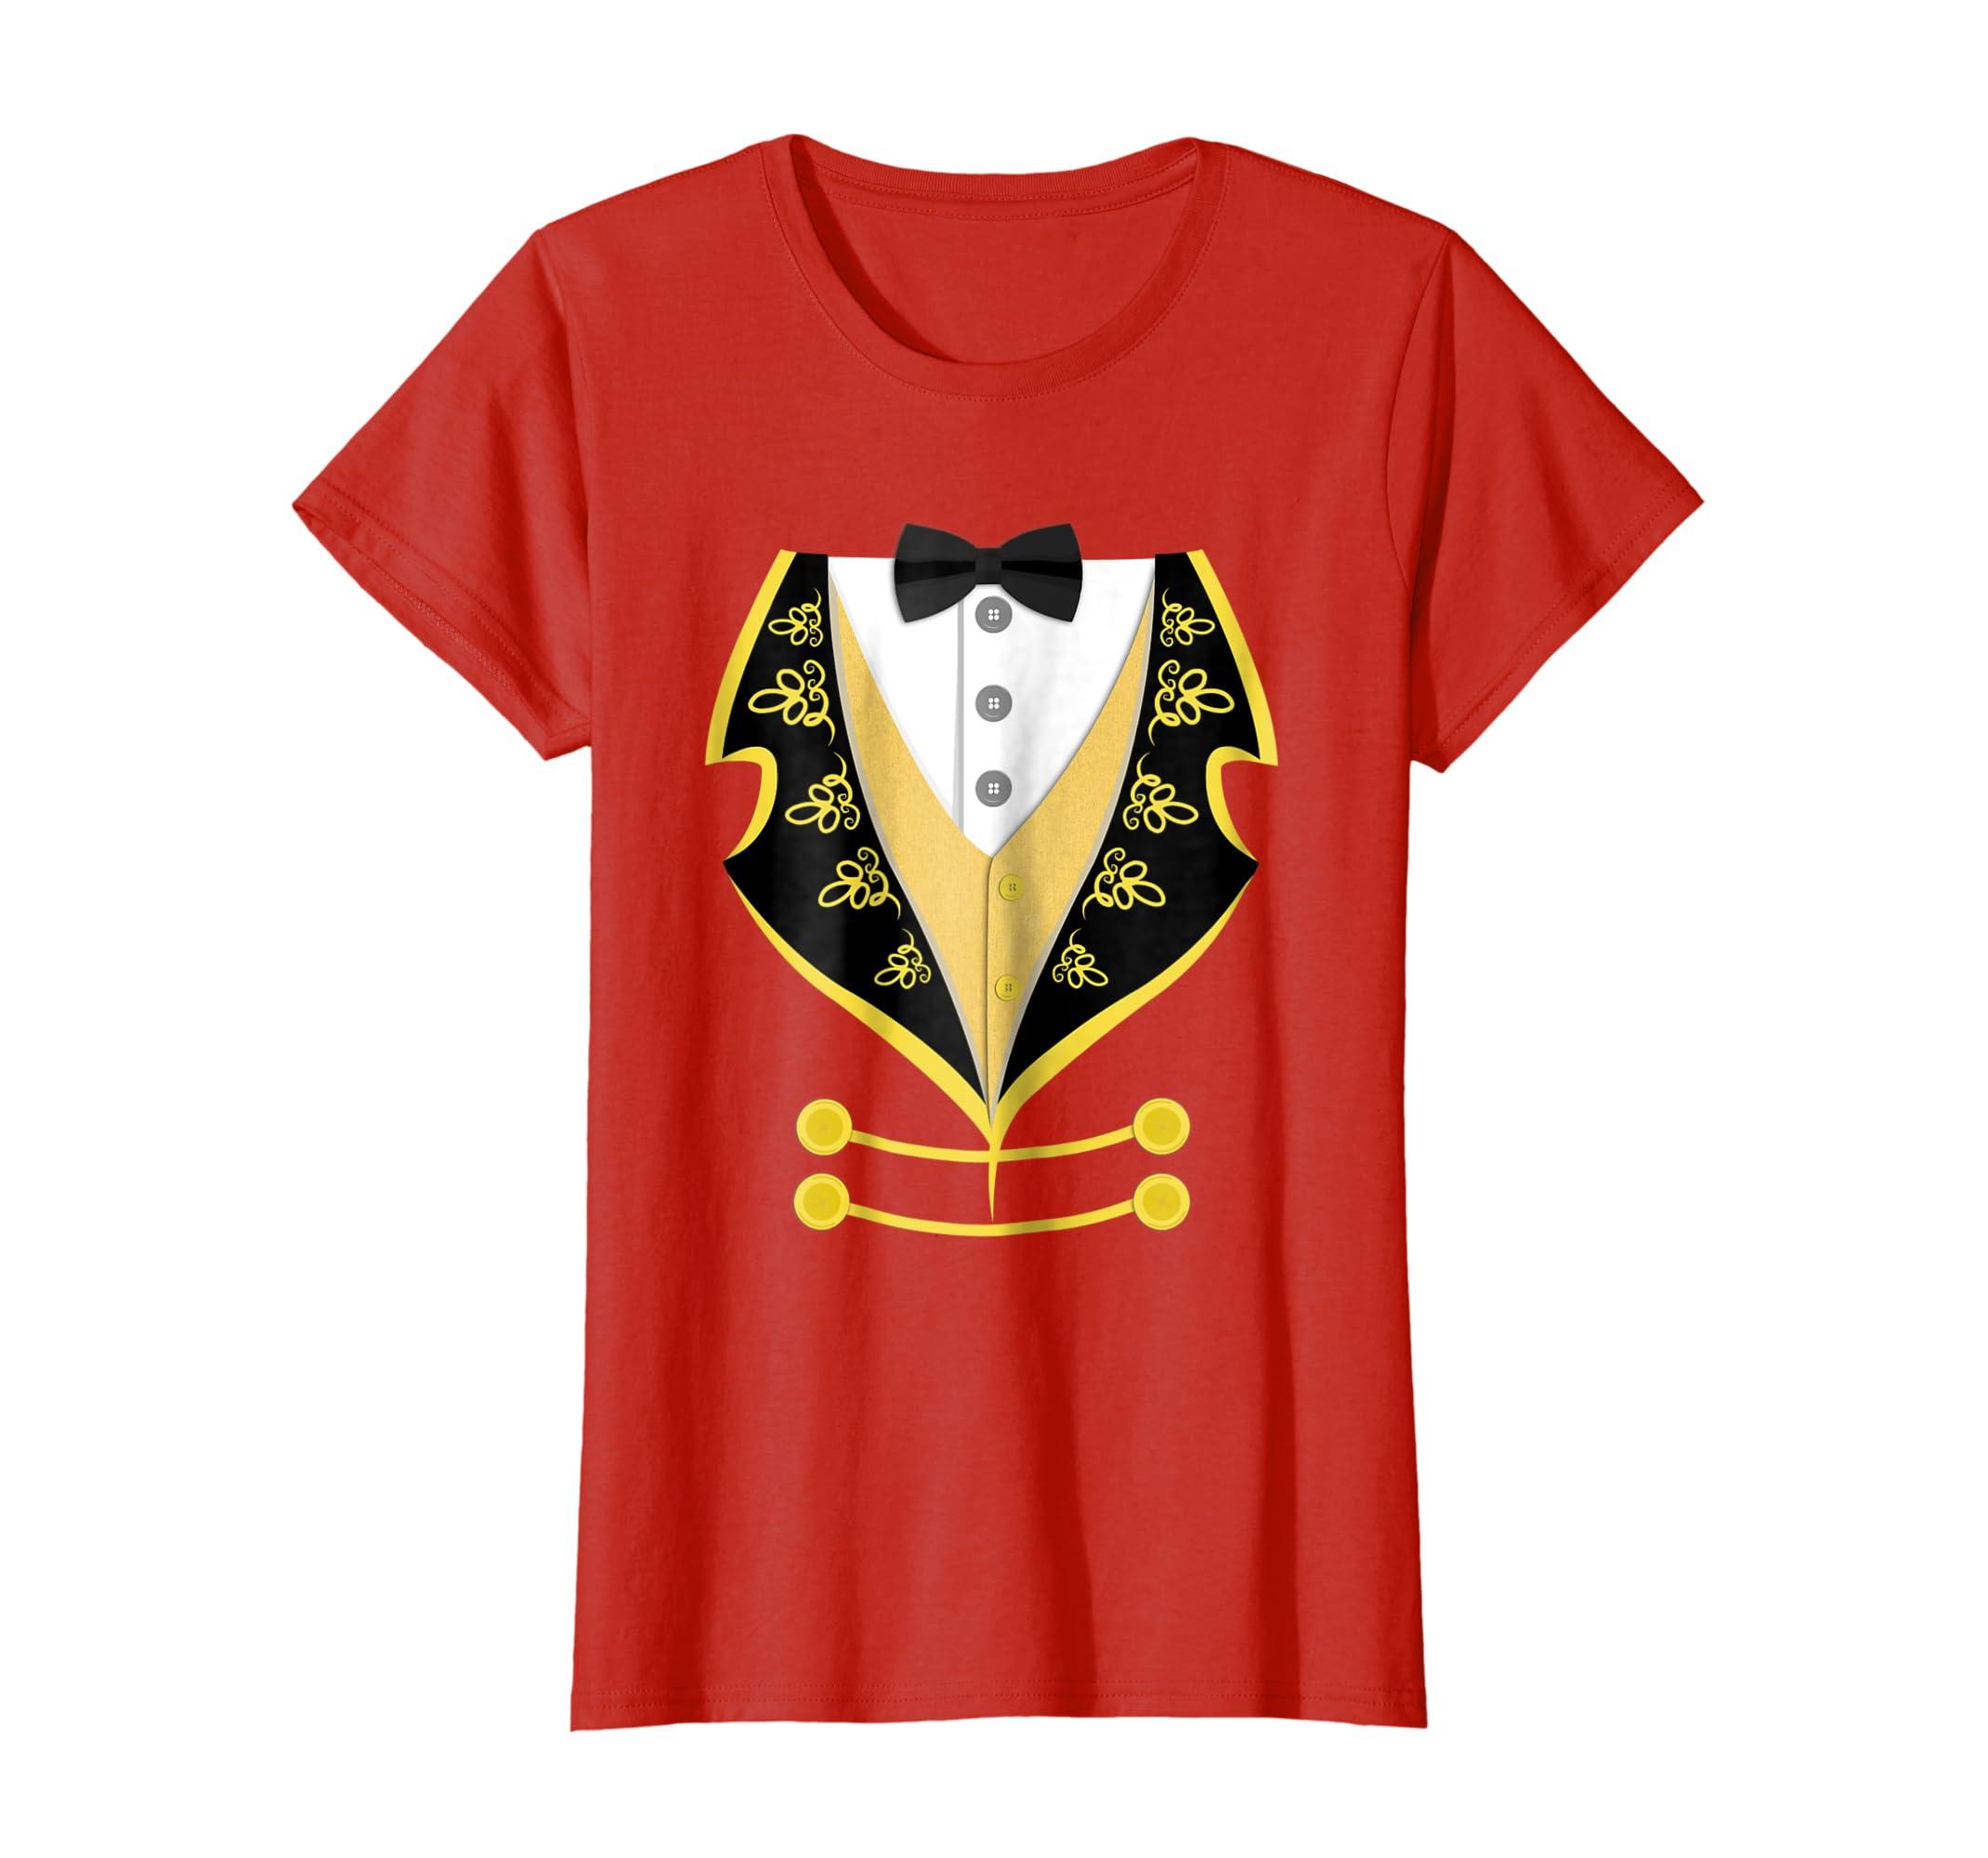 Ringmaster Shirt Circus Costume T Shirt